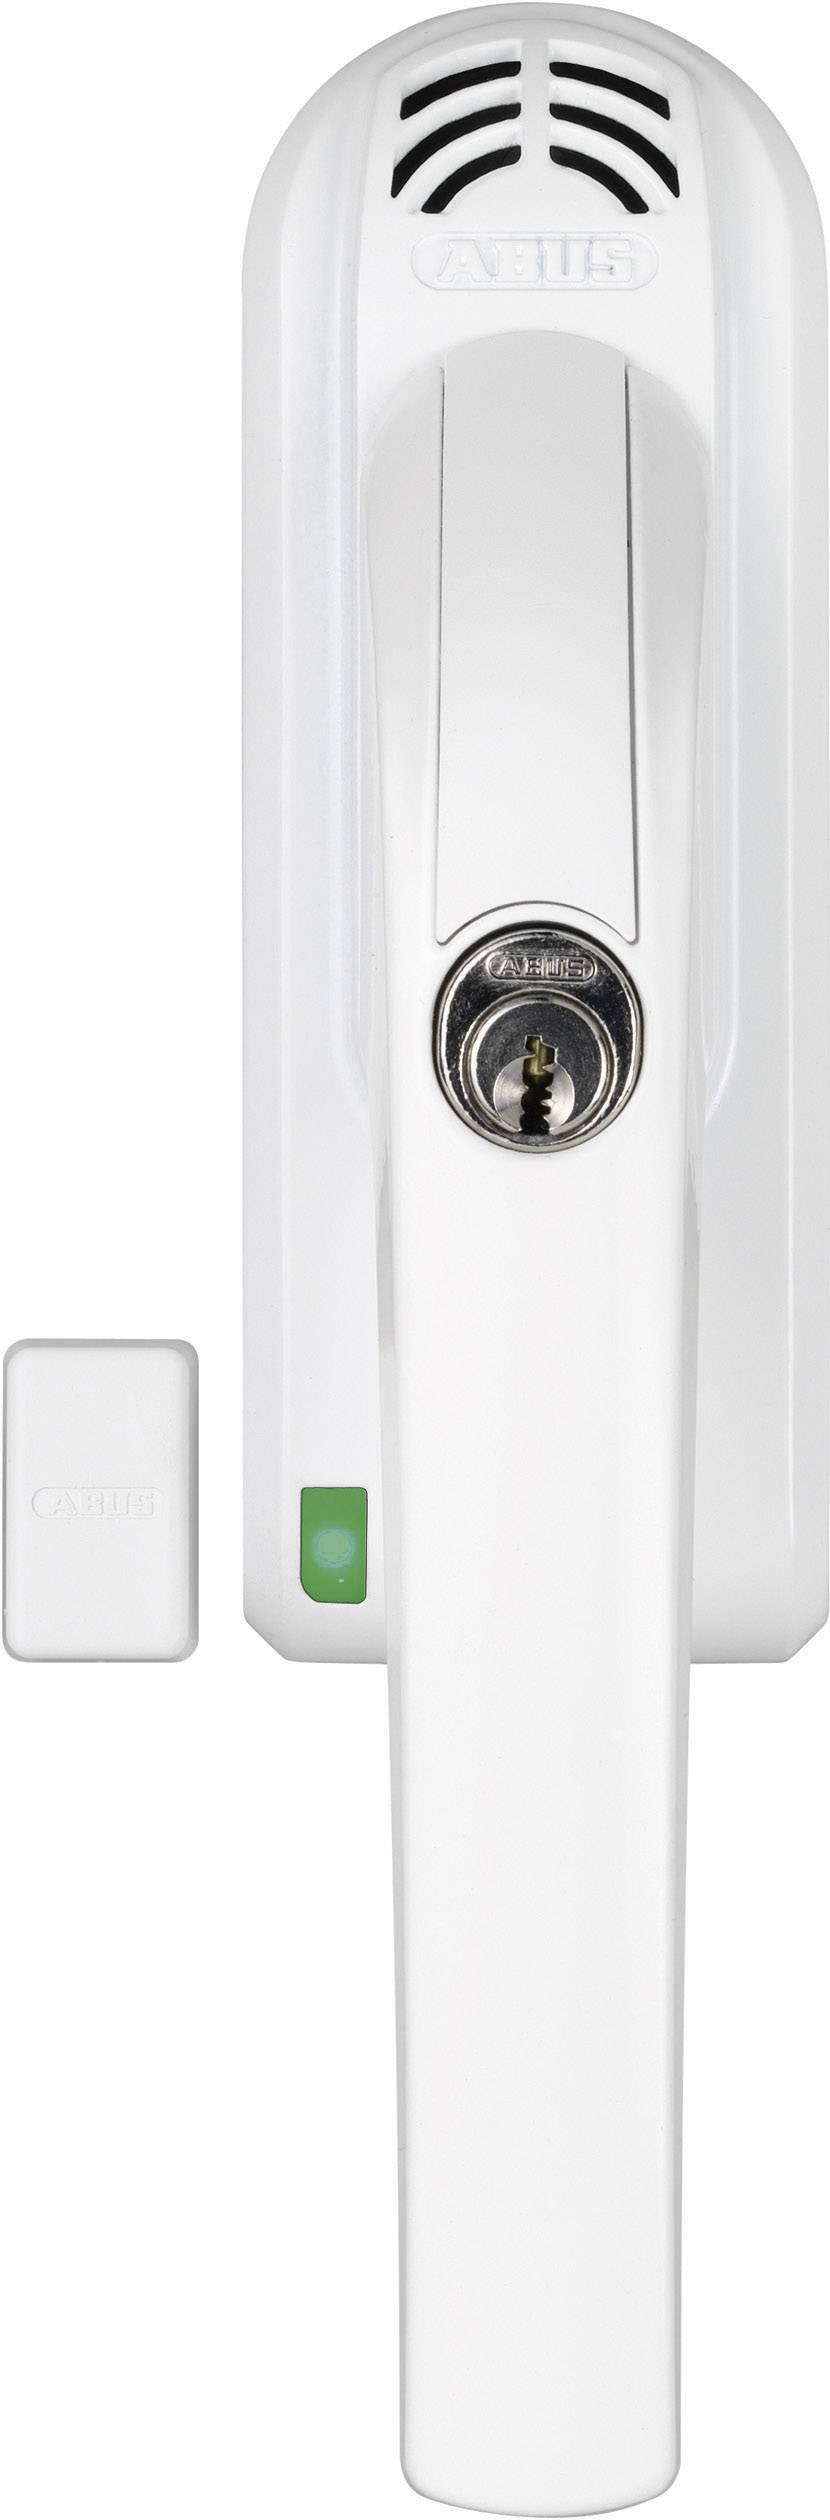 Uzamykateľná okenná kľučka s funkciou alarmu ABUS